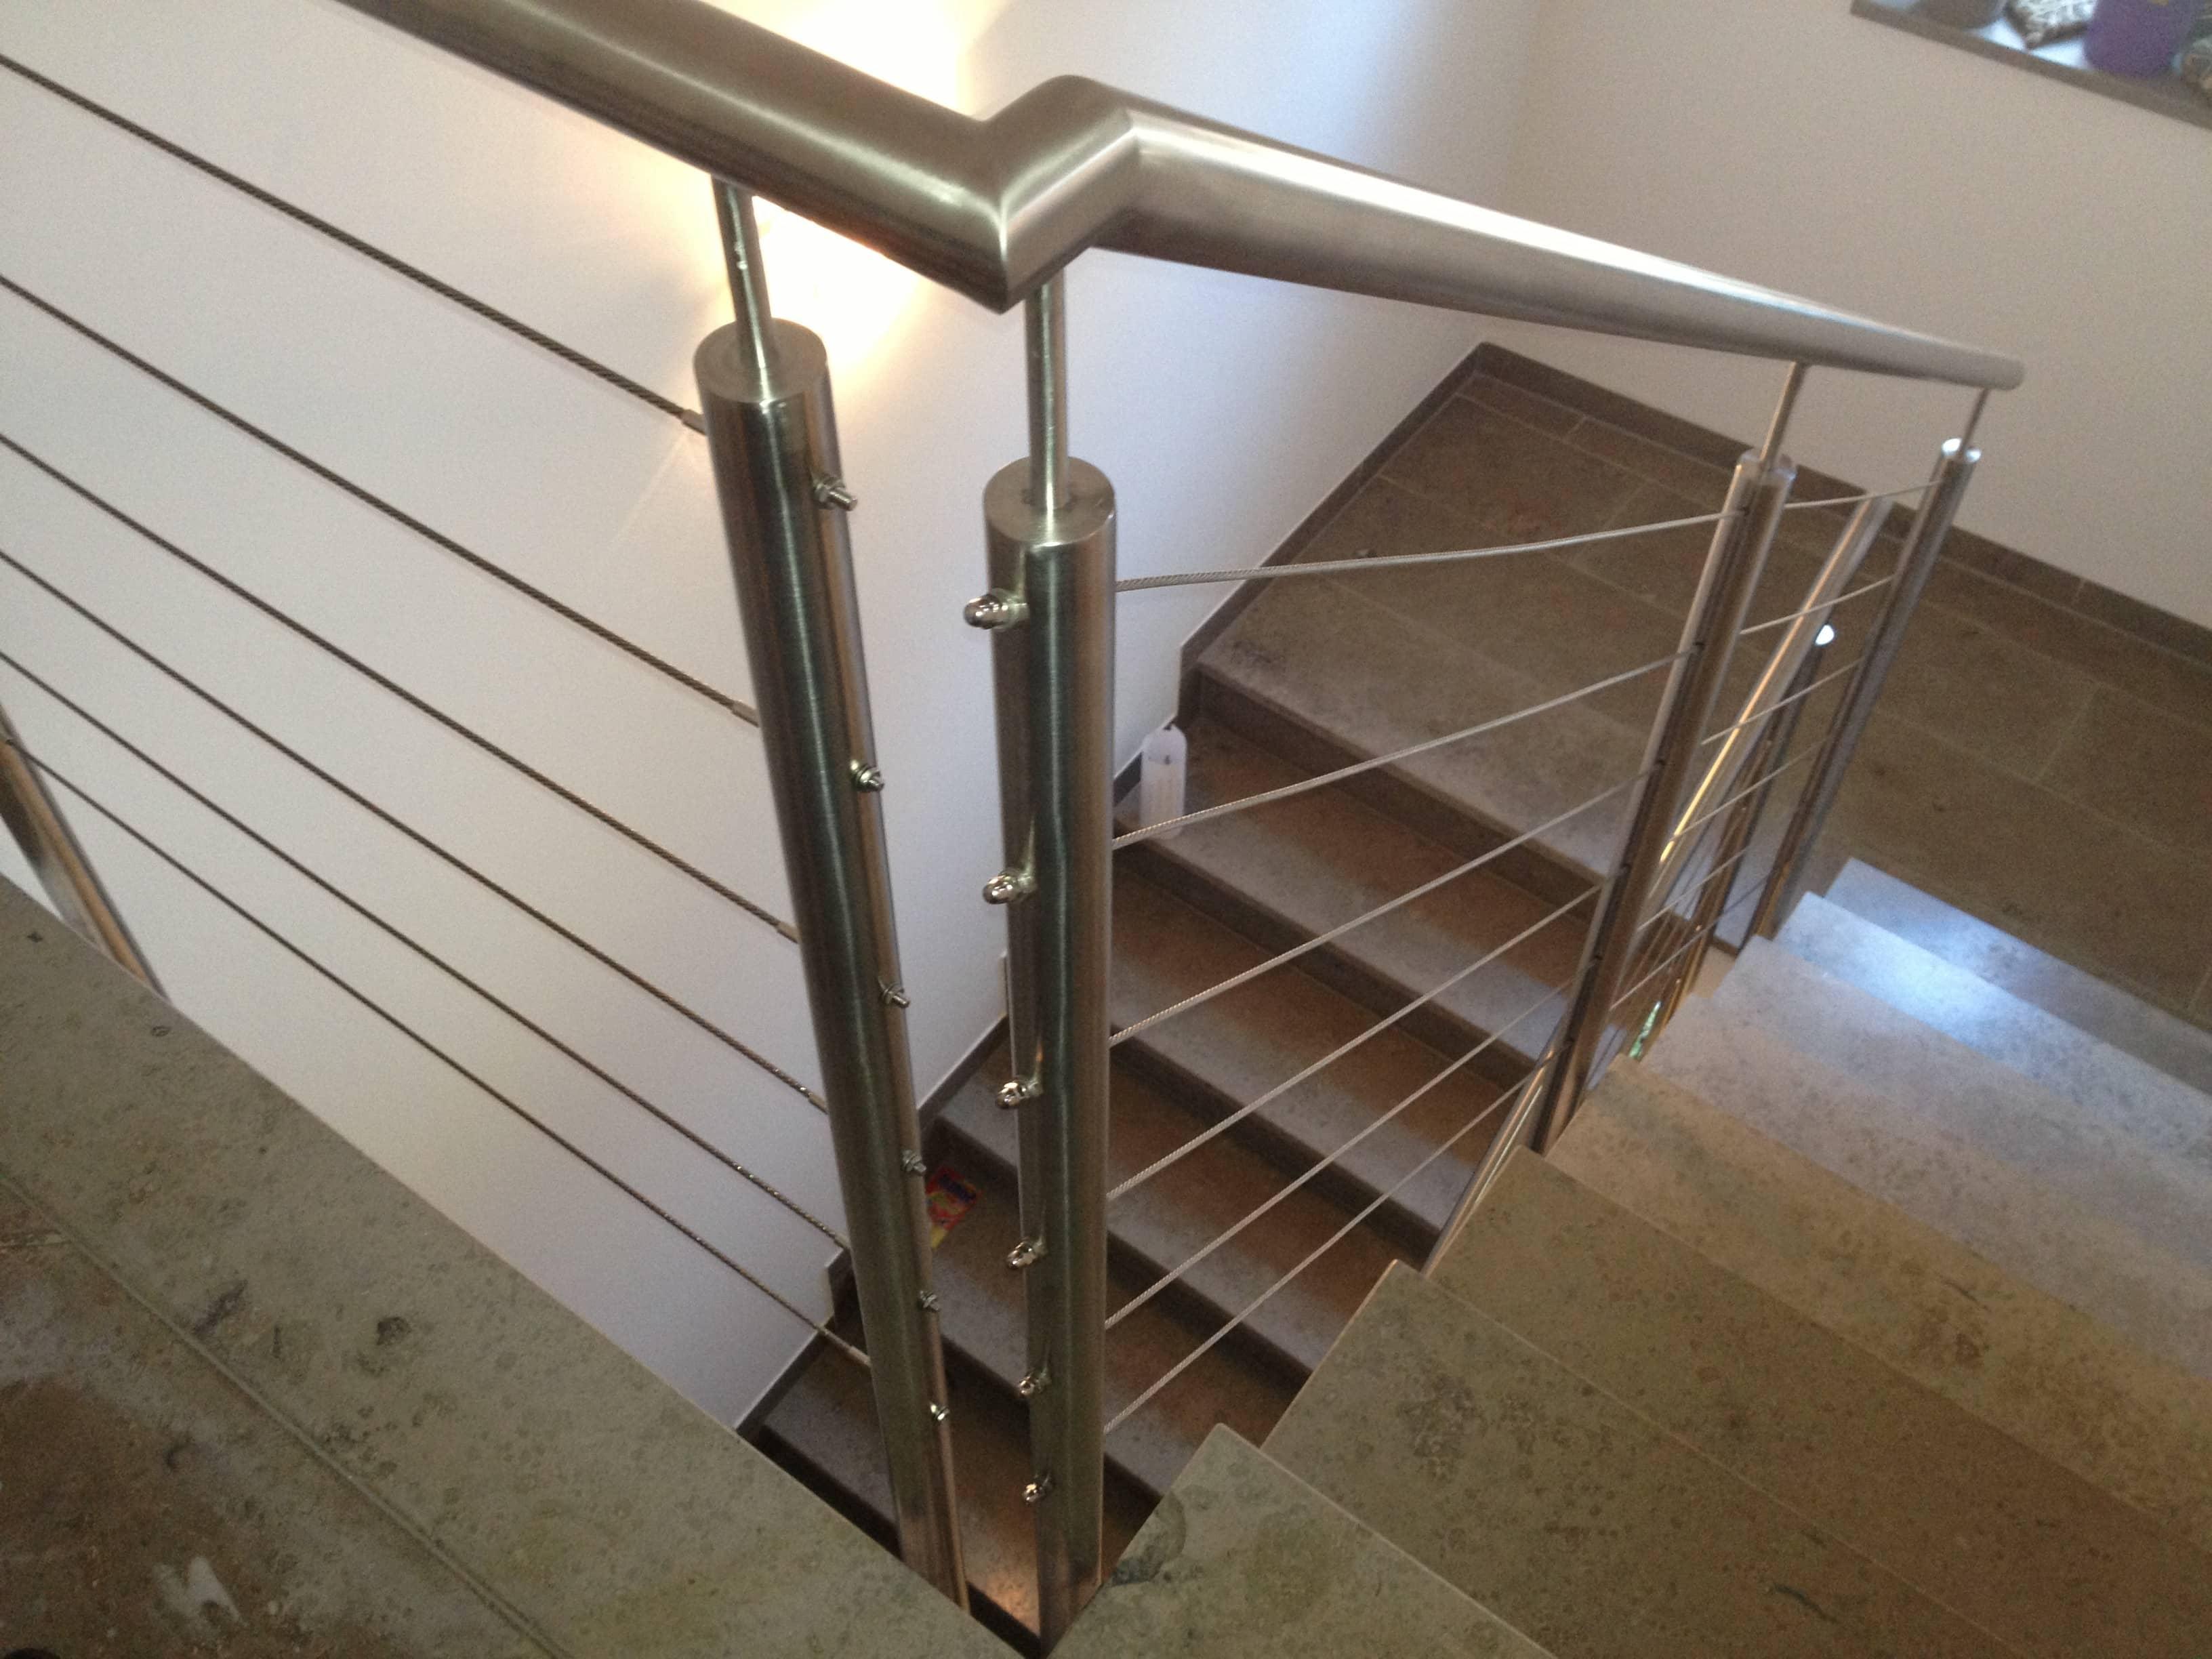 Treppengeländer aus Edelstahl mit Edelstahlseilen von Metallbau Häusler